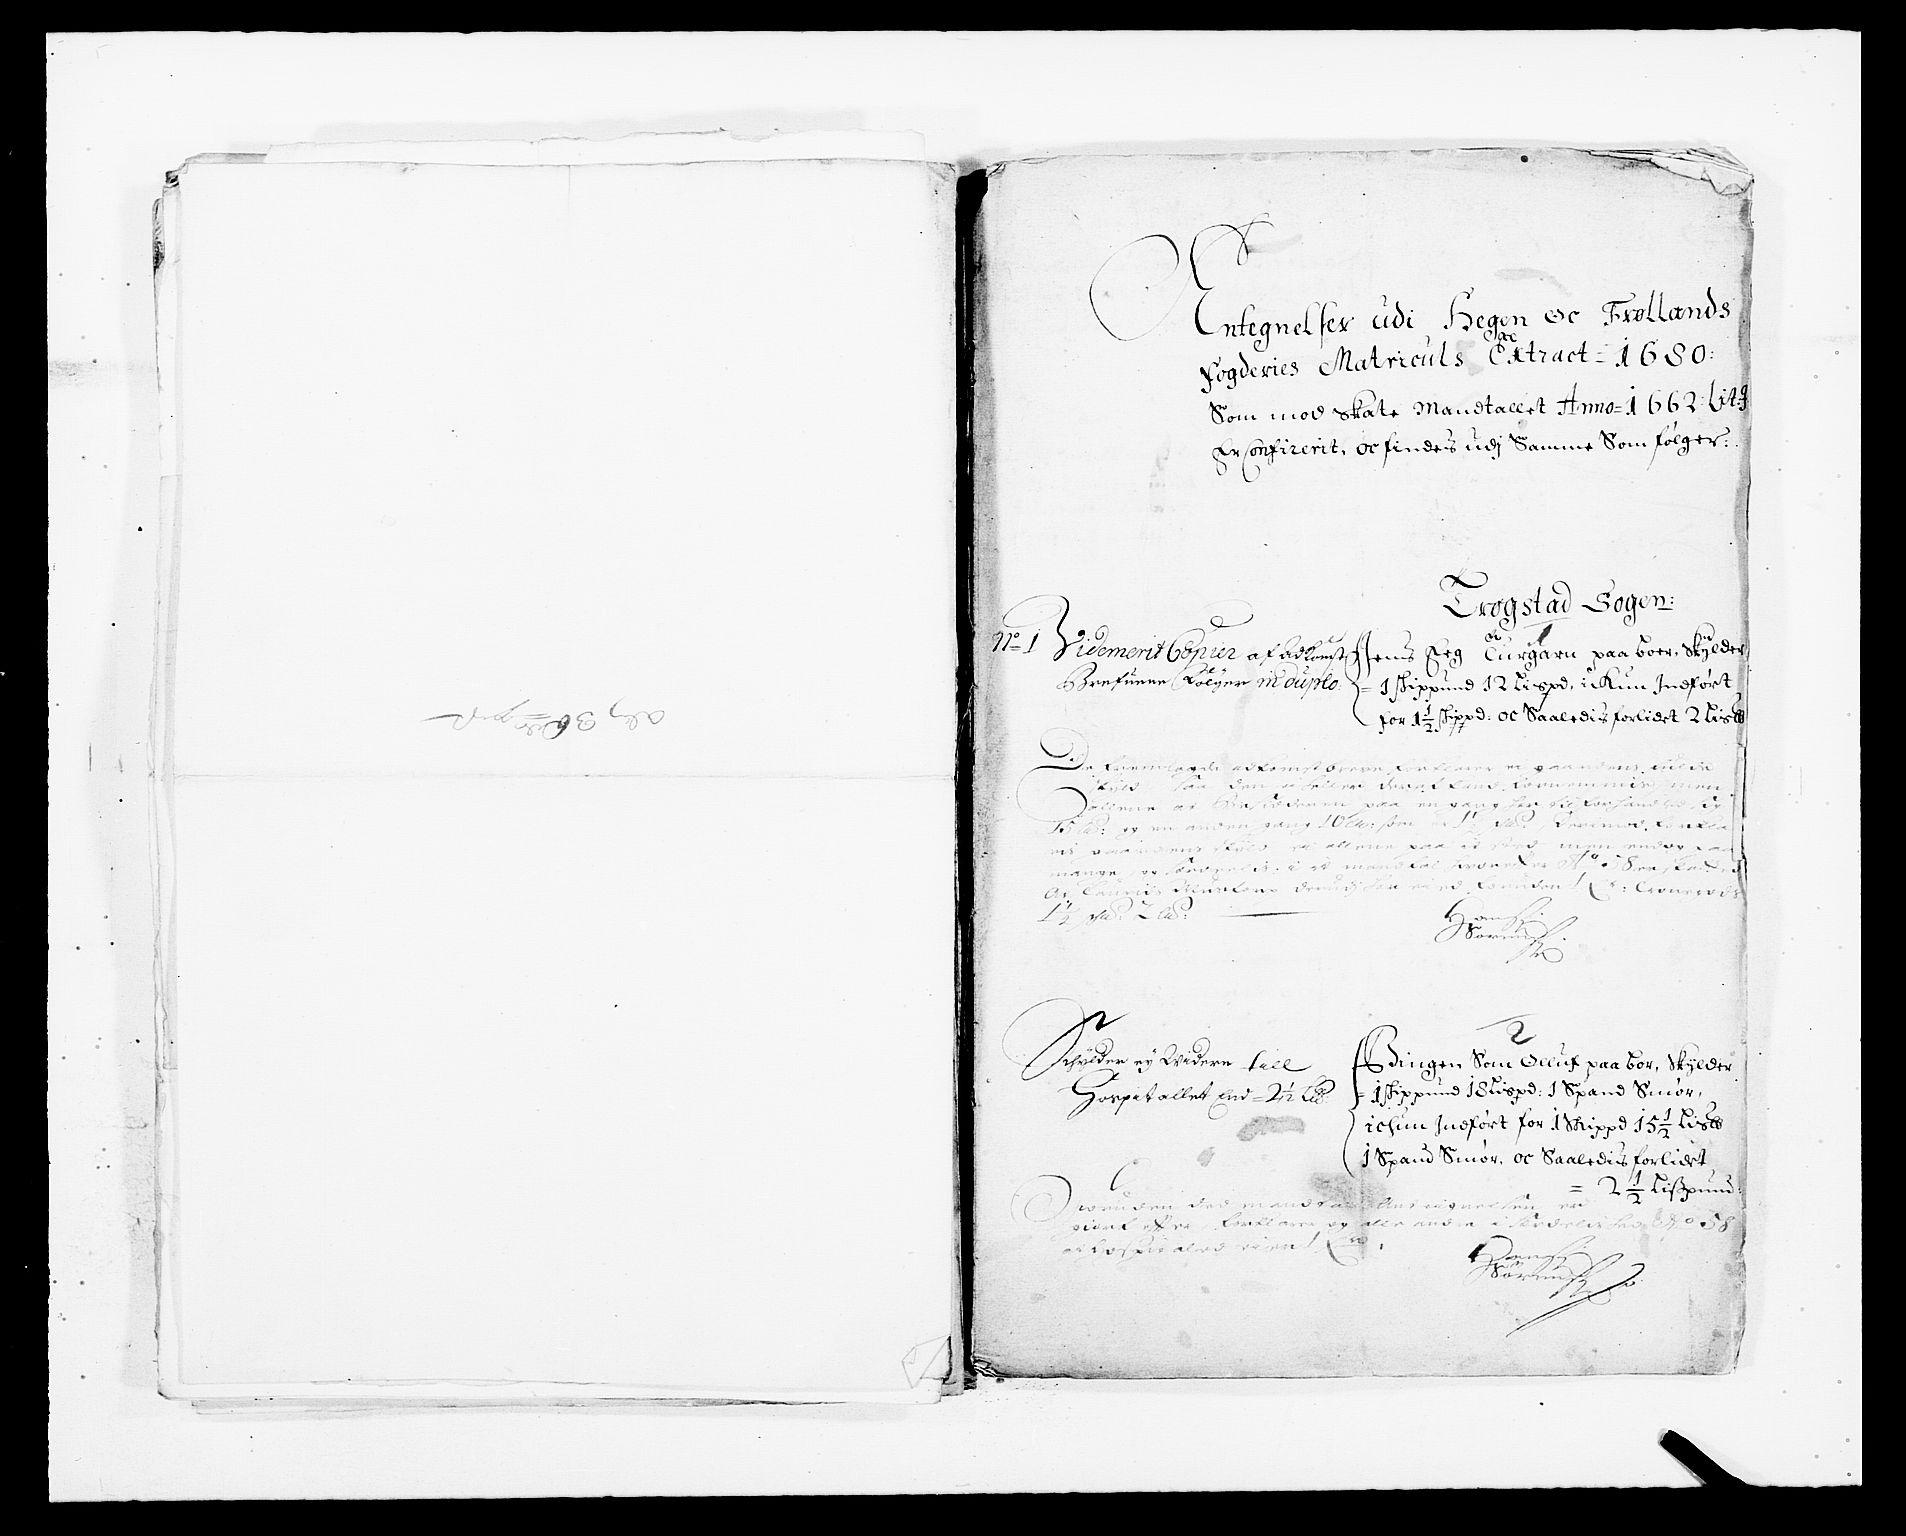 RA, Rentekammeret inntil 1814, Reviderte regnskaper, Fogderegnskap, R06/L0281: Fogderegnskap Heggen og Frøland, 1678-1686, s. 435